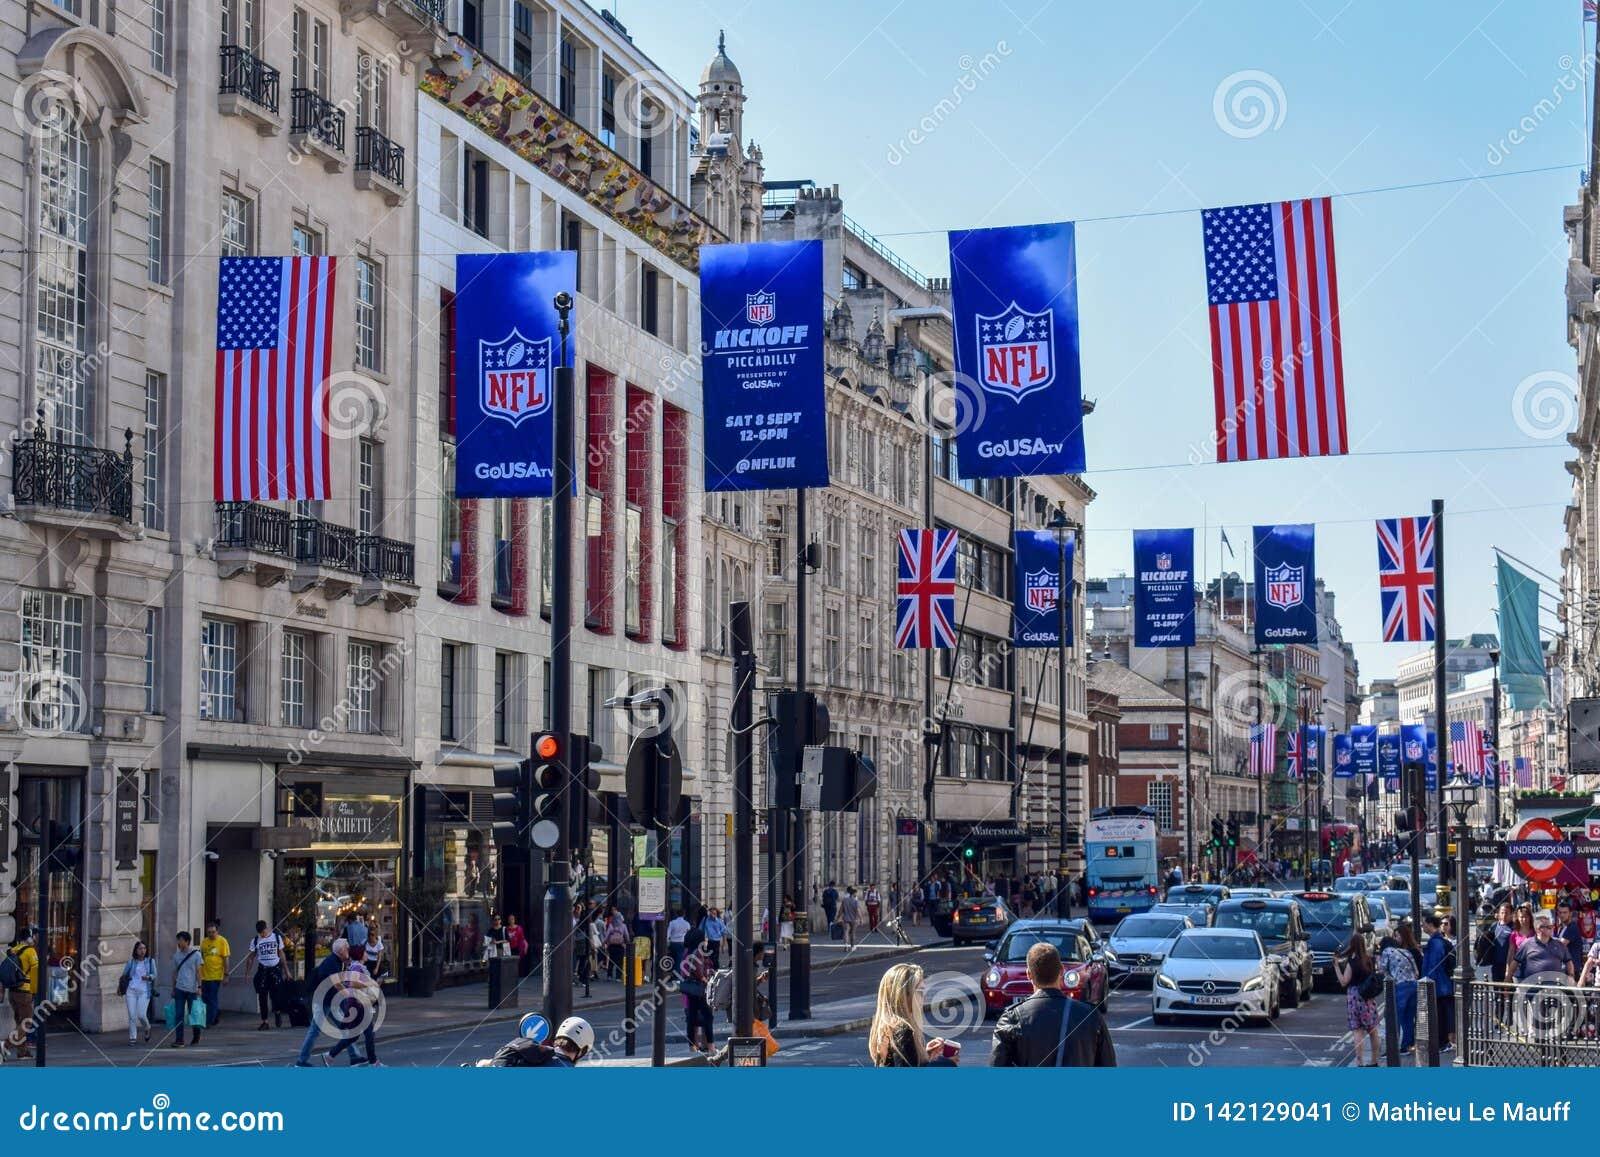 Πολυάσχολη οδός του Λονδίνου με τα εμβλήματα και τις σημαίες αμερικανικού ποδοσφαίρου